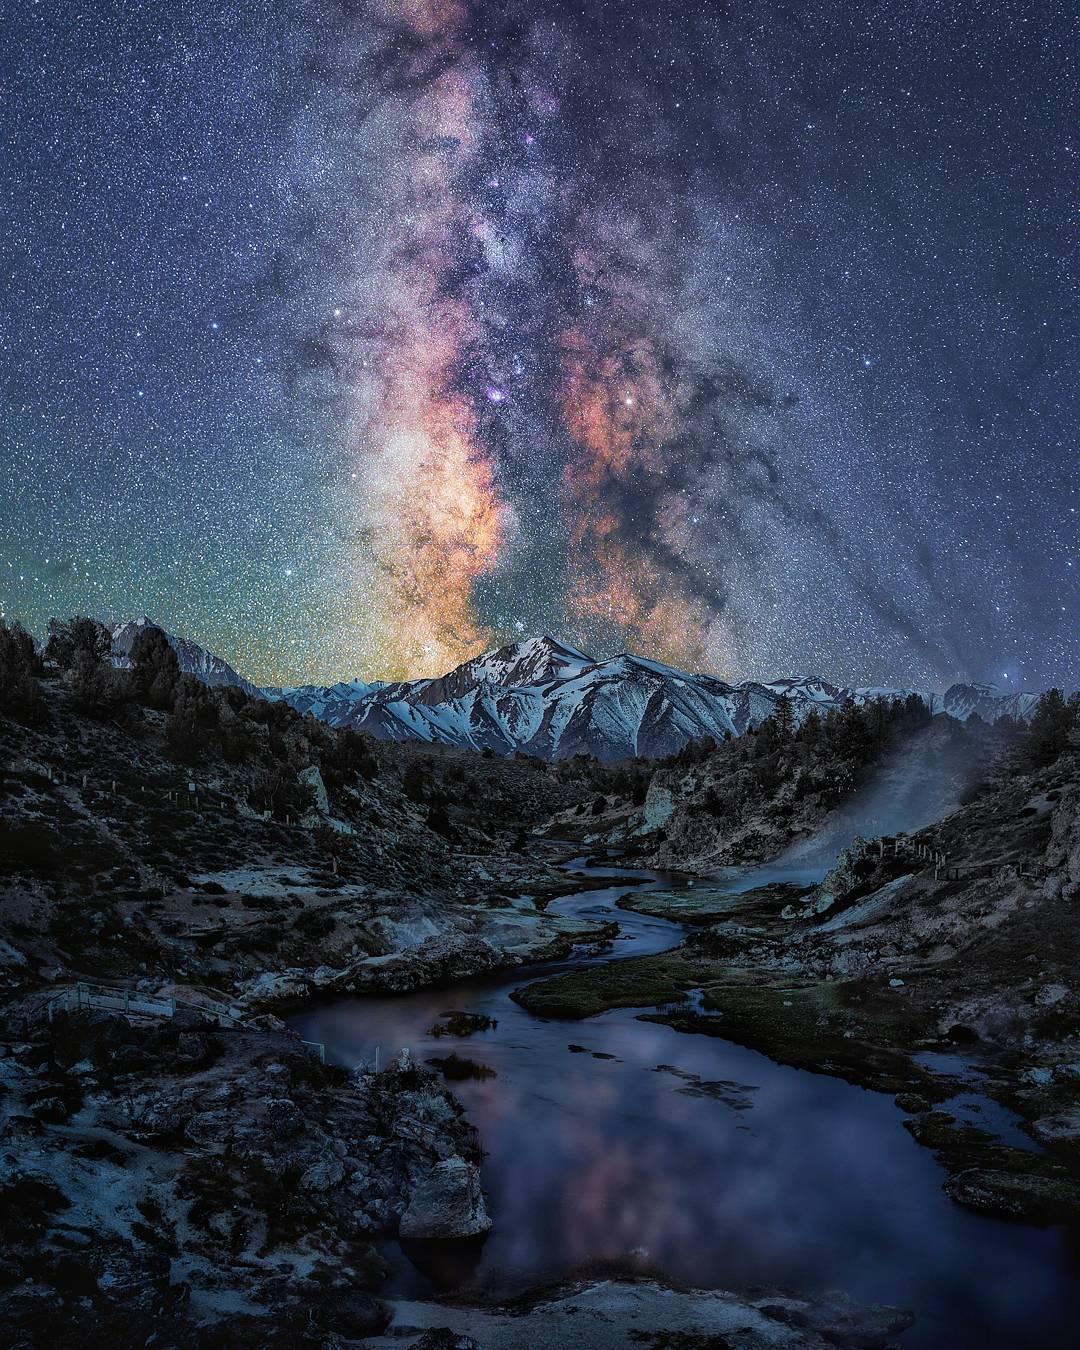 Захватывающий пейзажи Криса Юэна Кросби